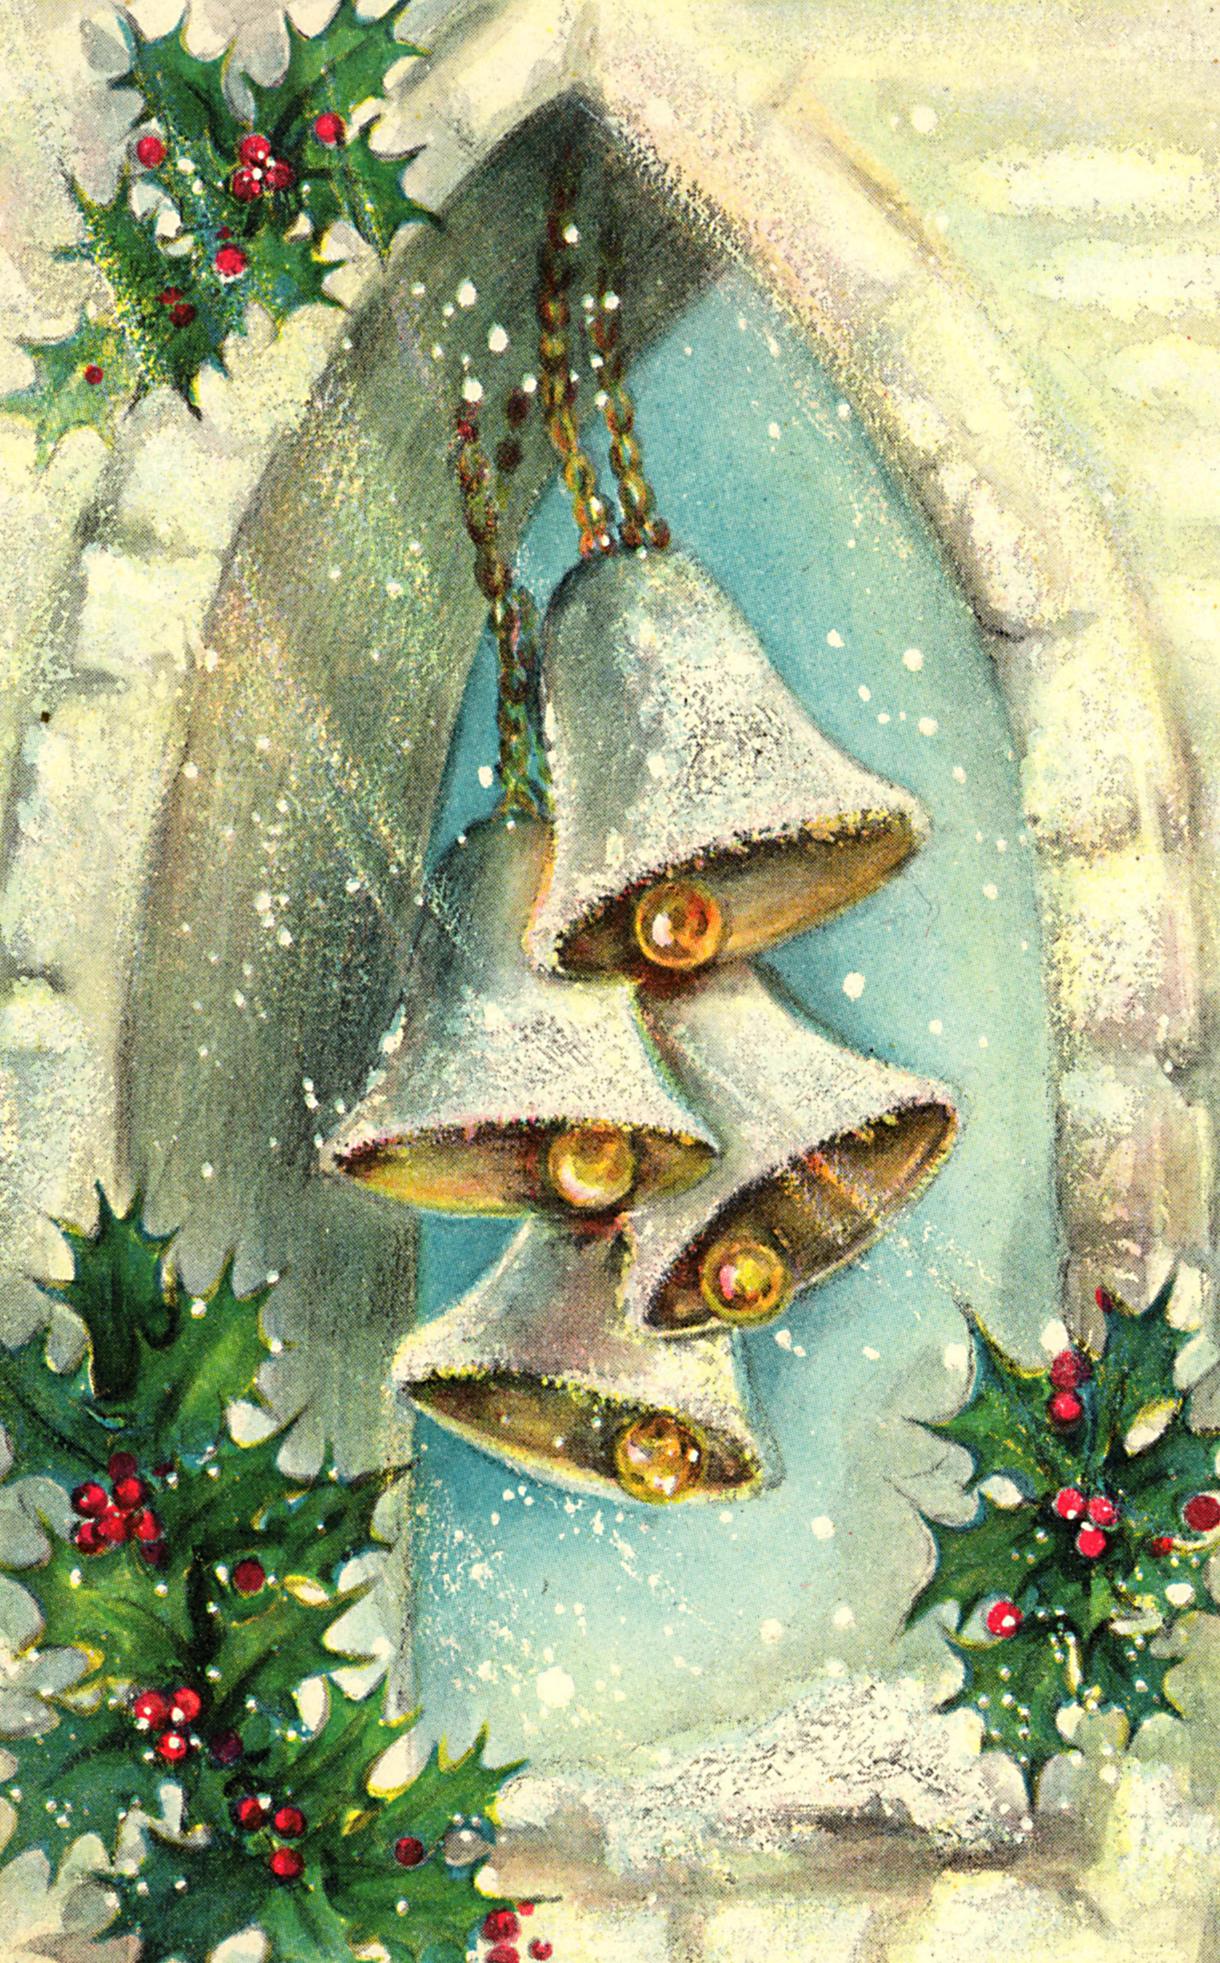 Открытки юбилеем, рождественские и новогодние открытки картинки